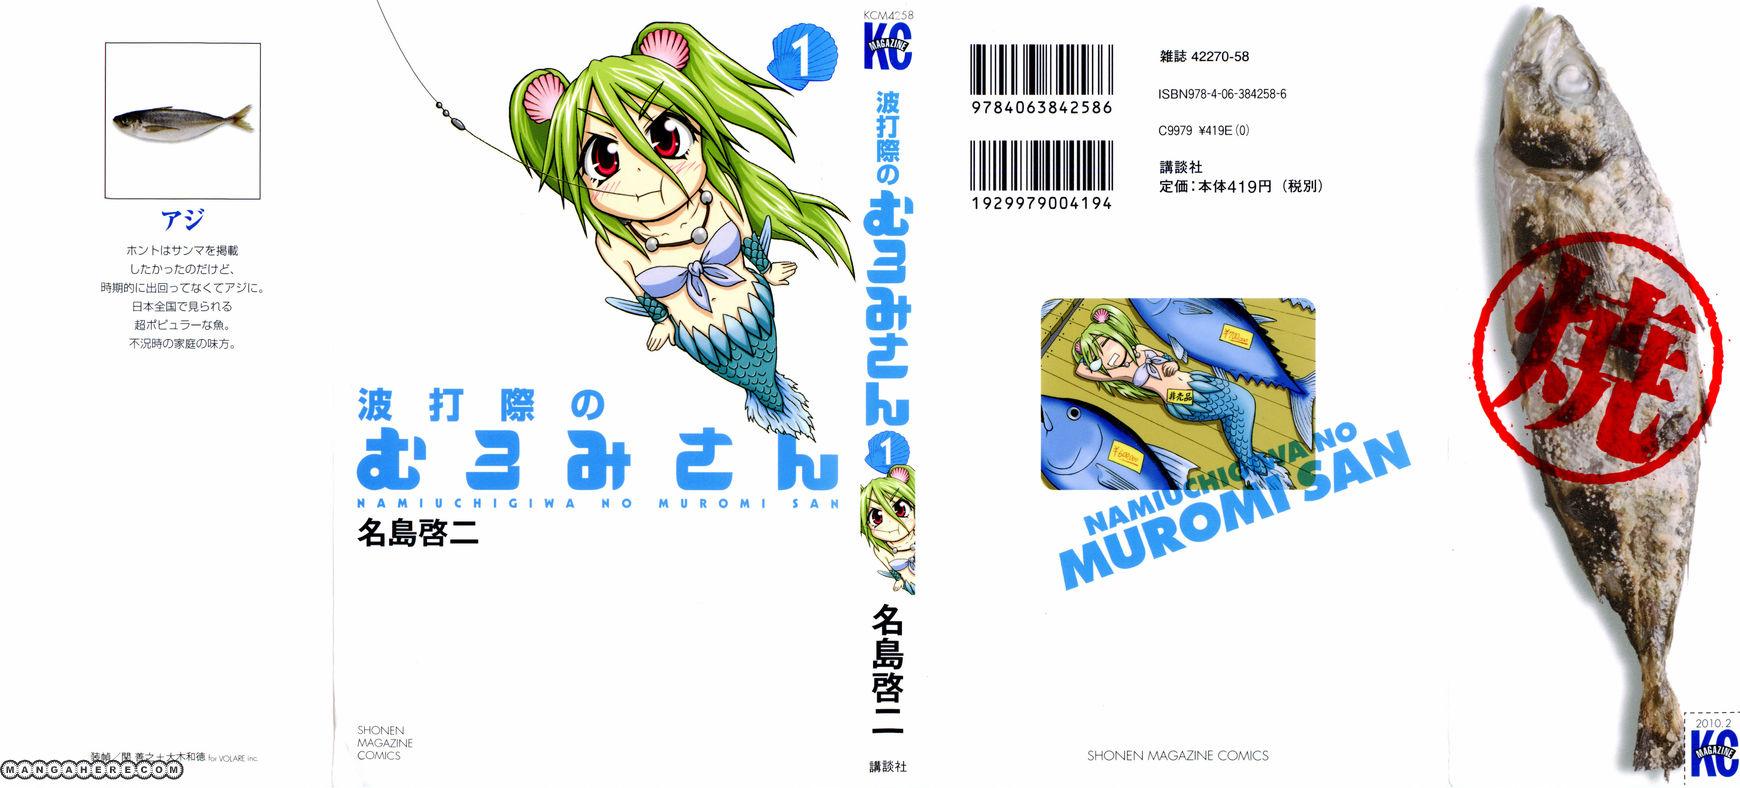 Namiuchigiwa no Muromi-san 1 Page 1